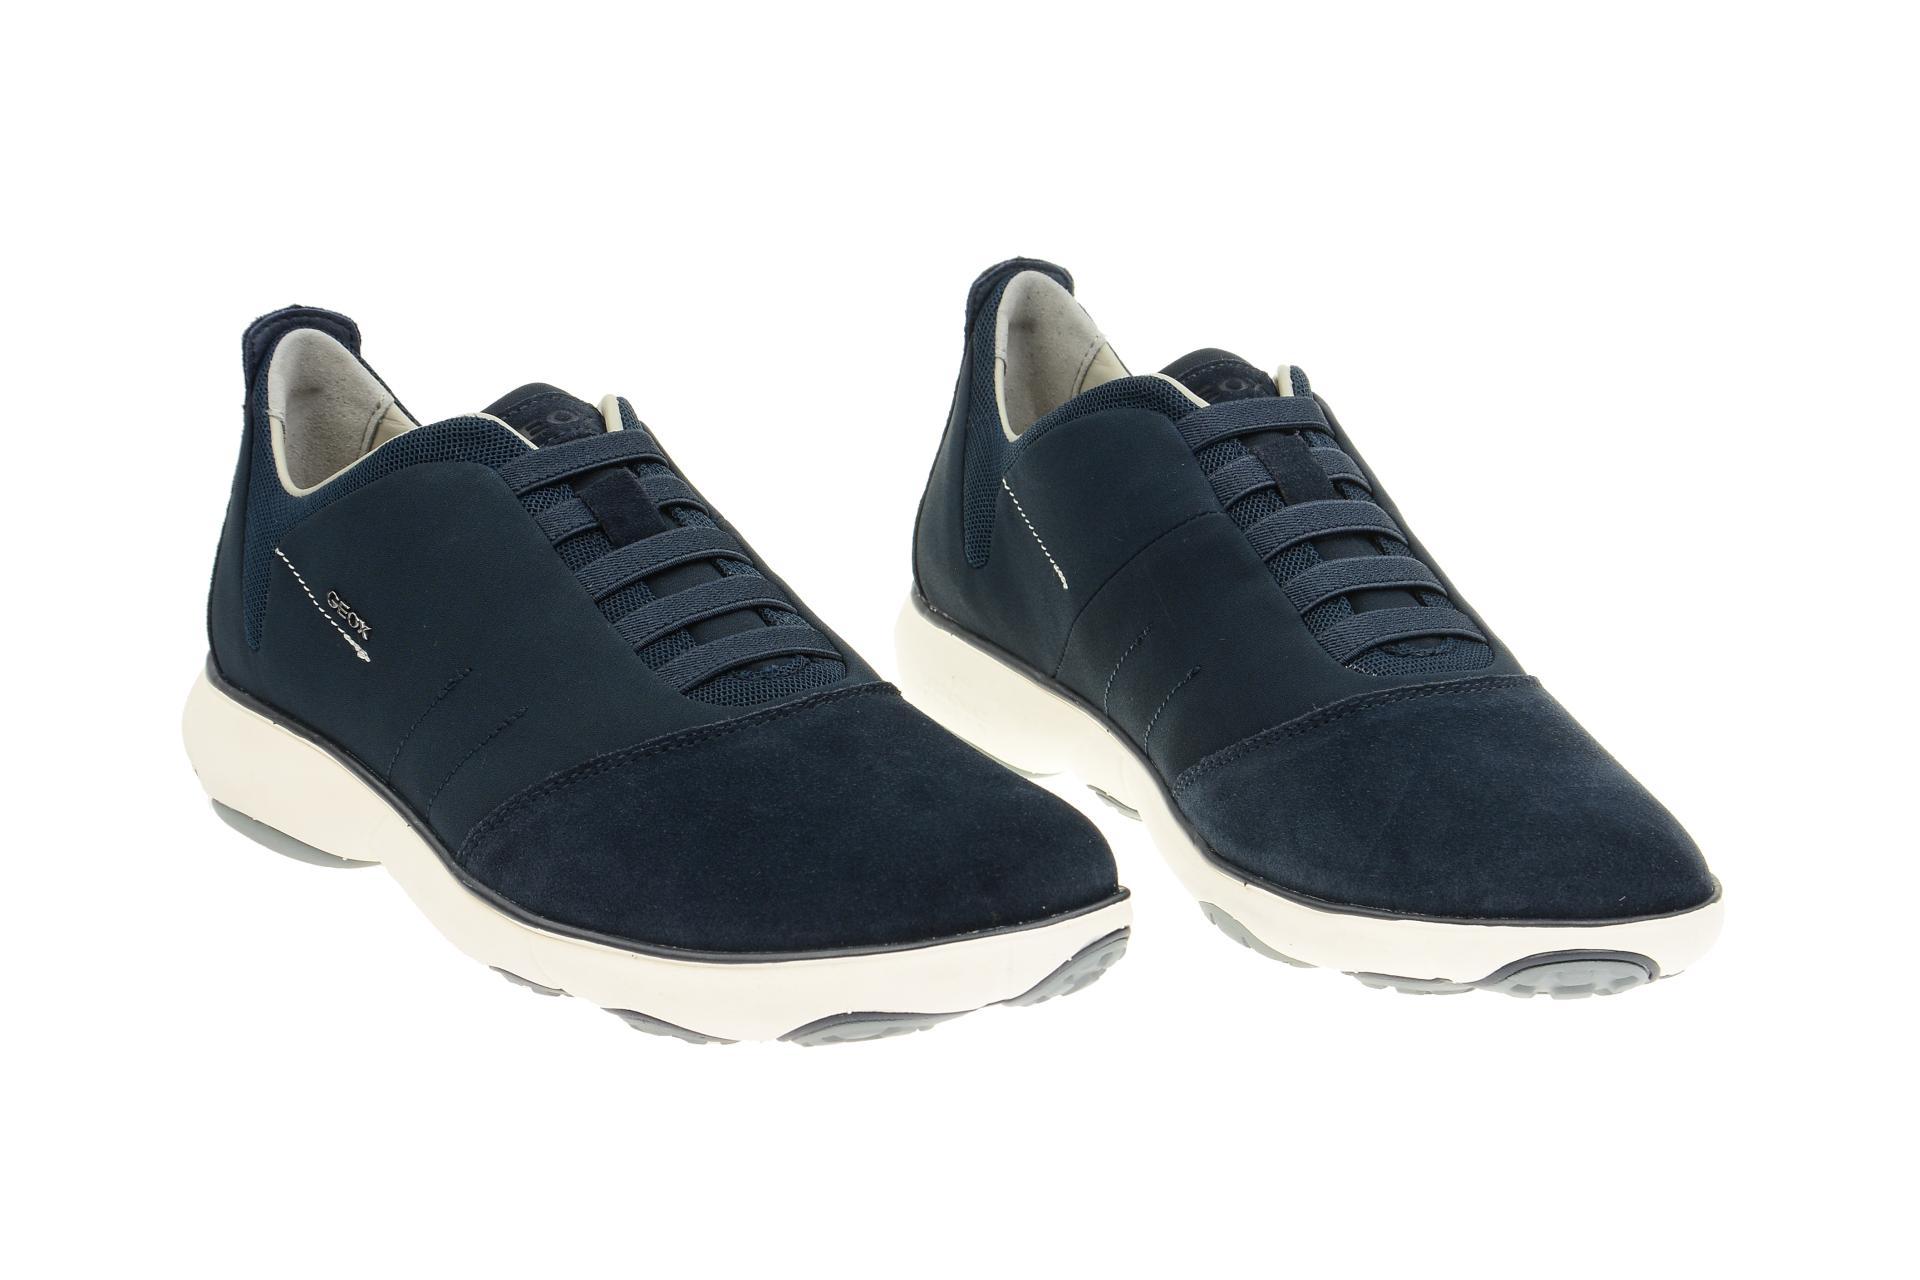 Geox Schuhe NEBULA blau Herrenschuhe bequeme Slipper U52D7B 0ZB22 C4002 NEU